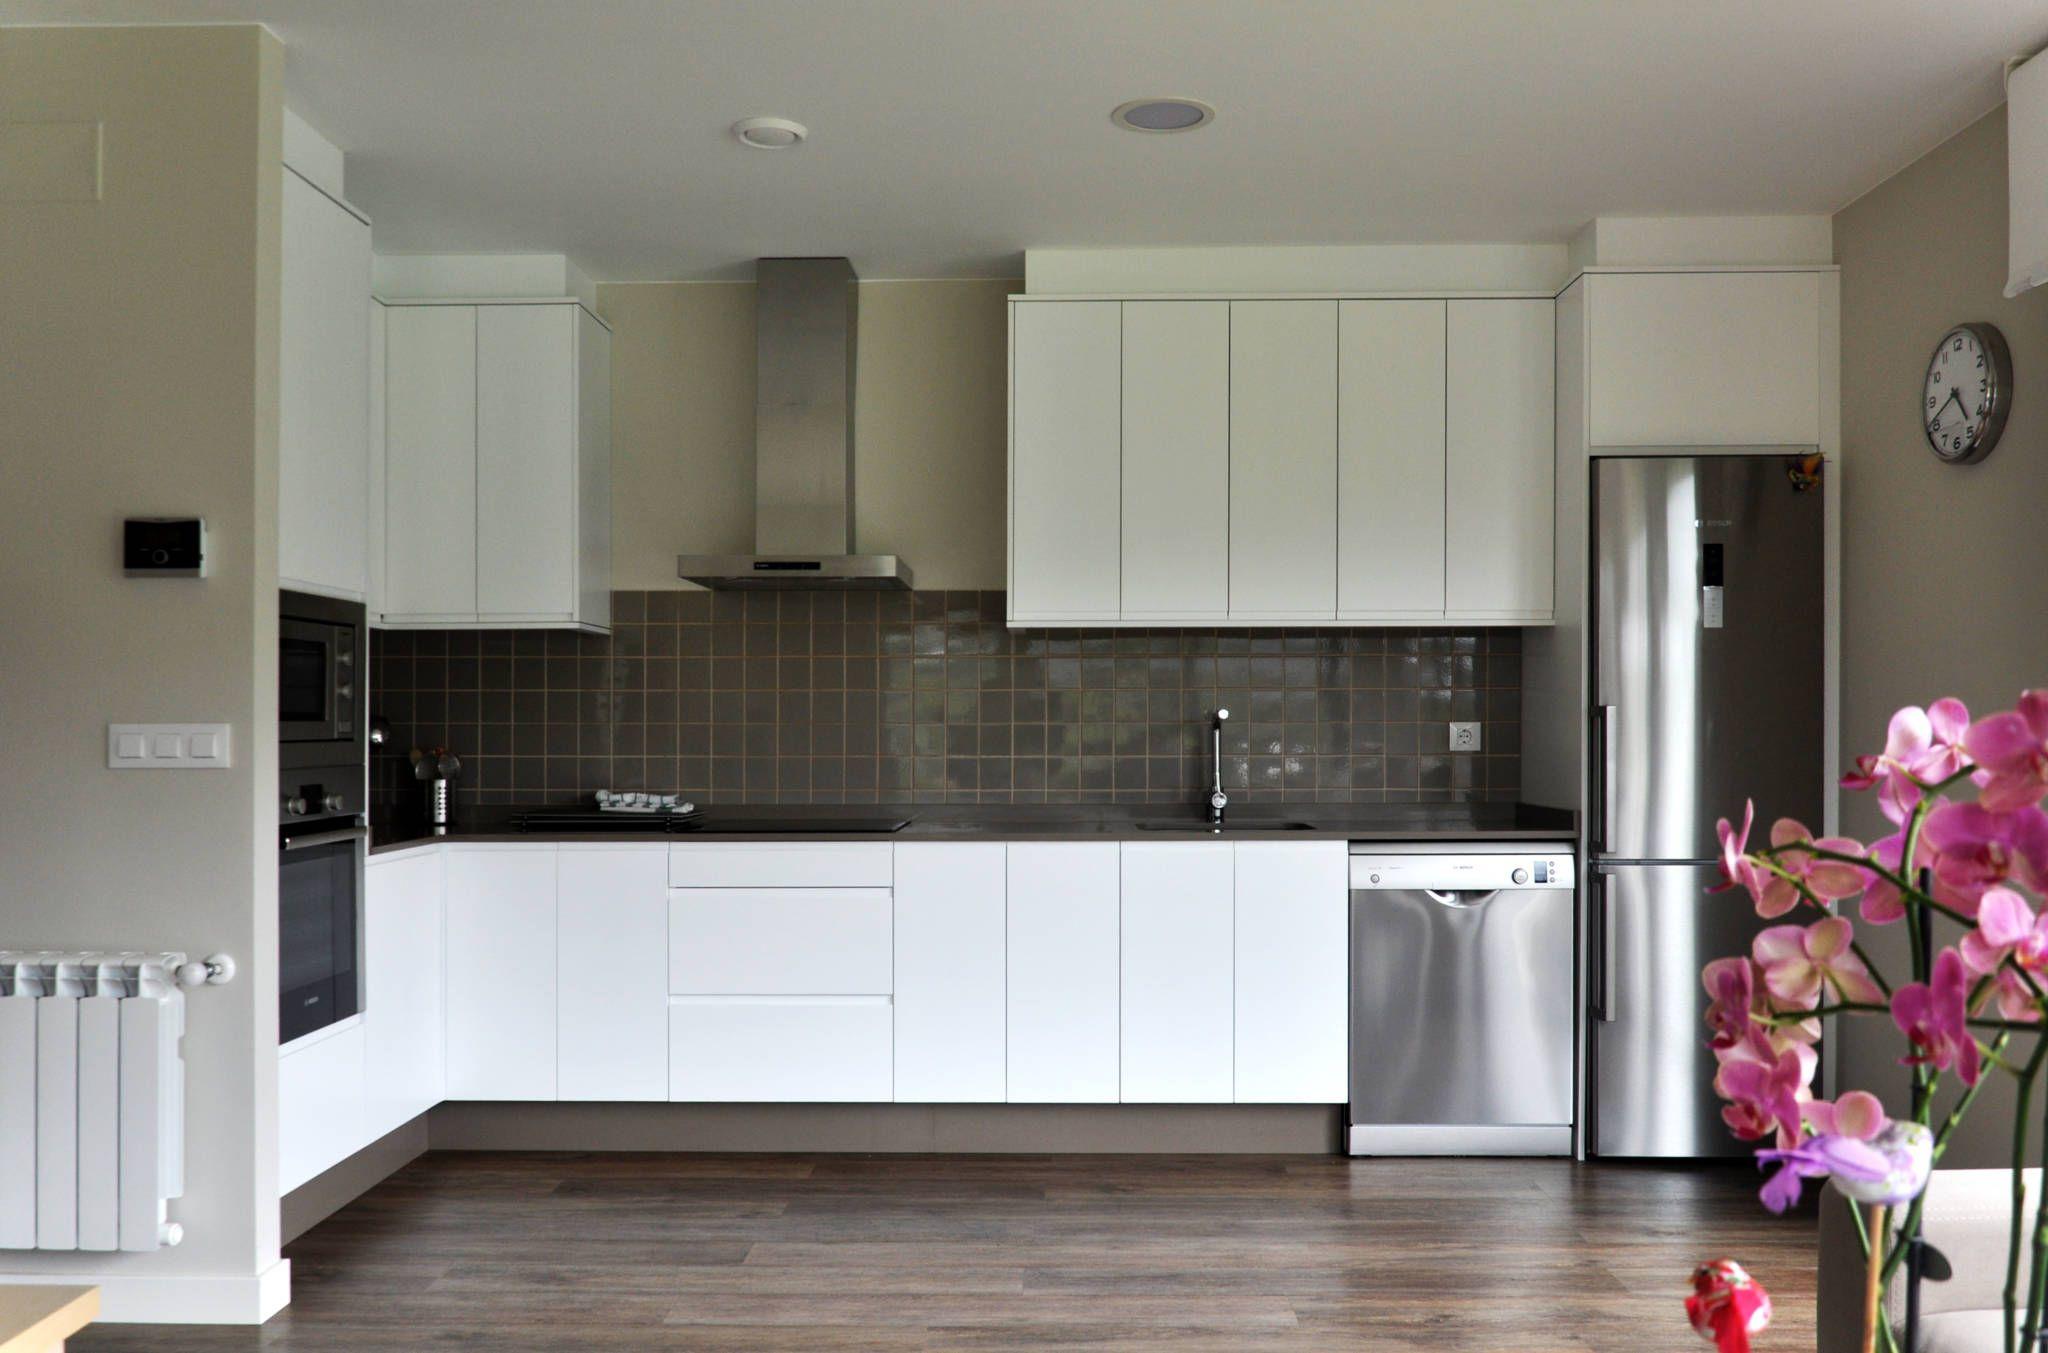 casa cube m cocina cocinas modernas de casas cube